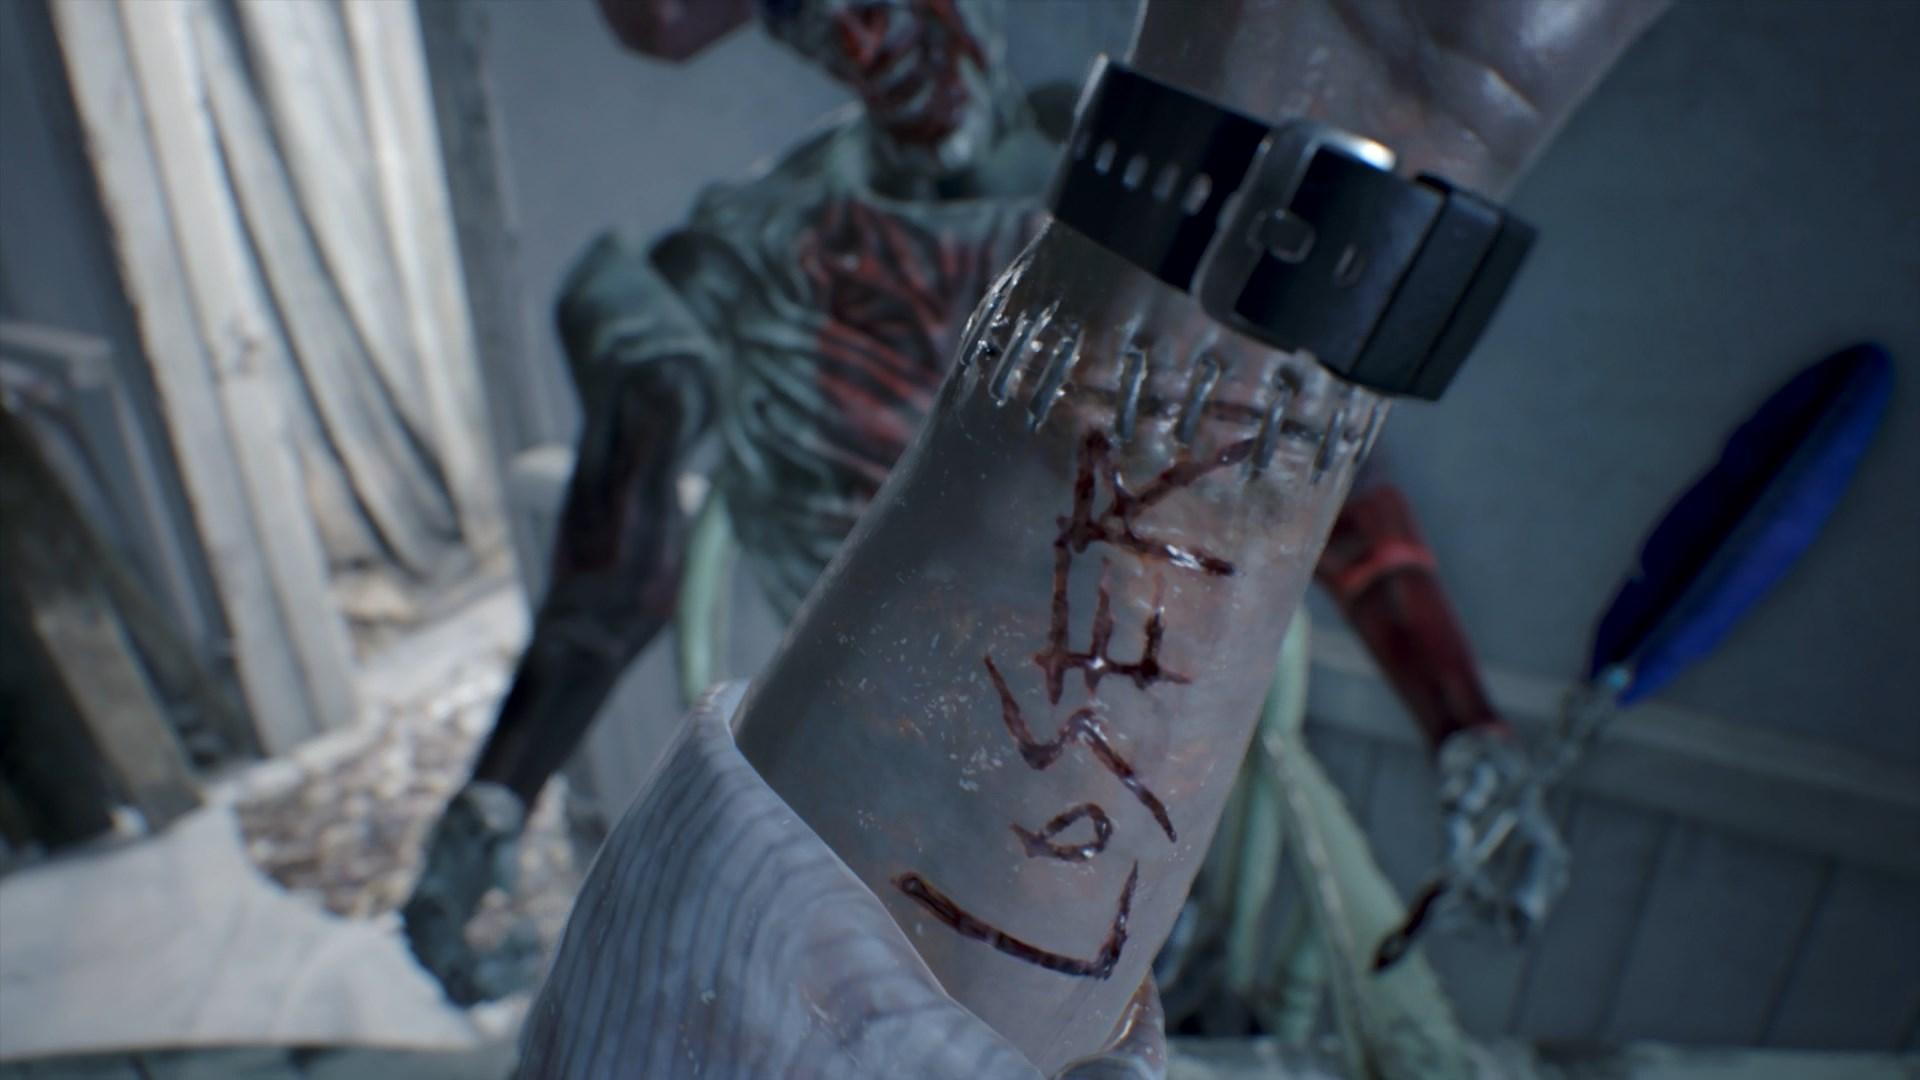 resident evil 7 ethan hand